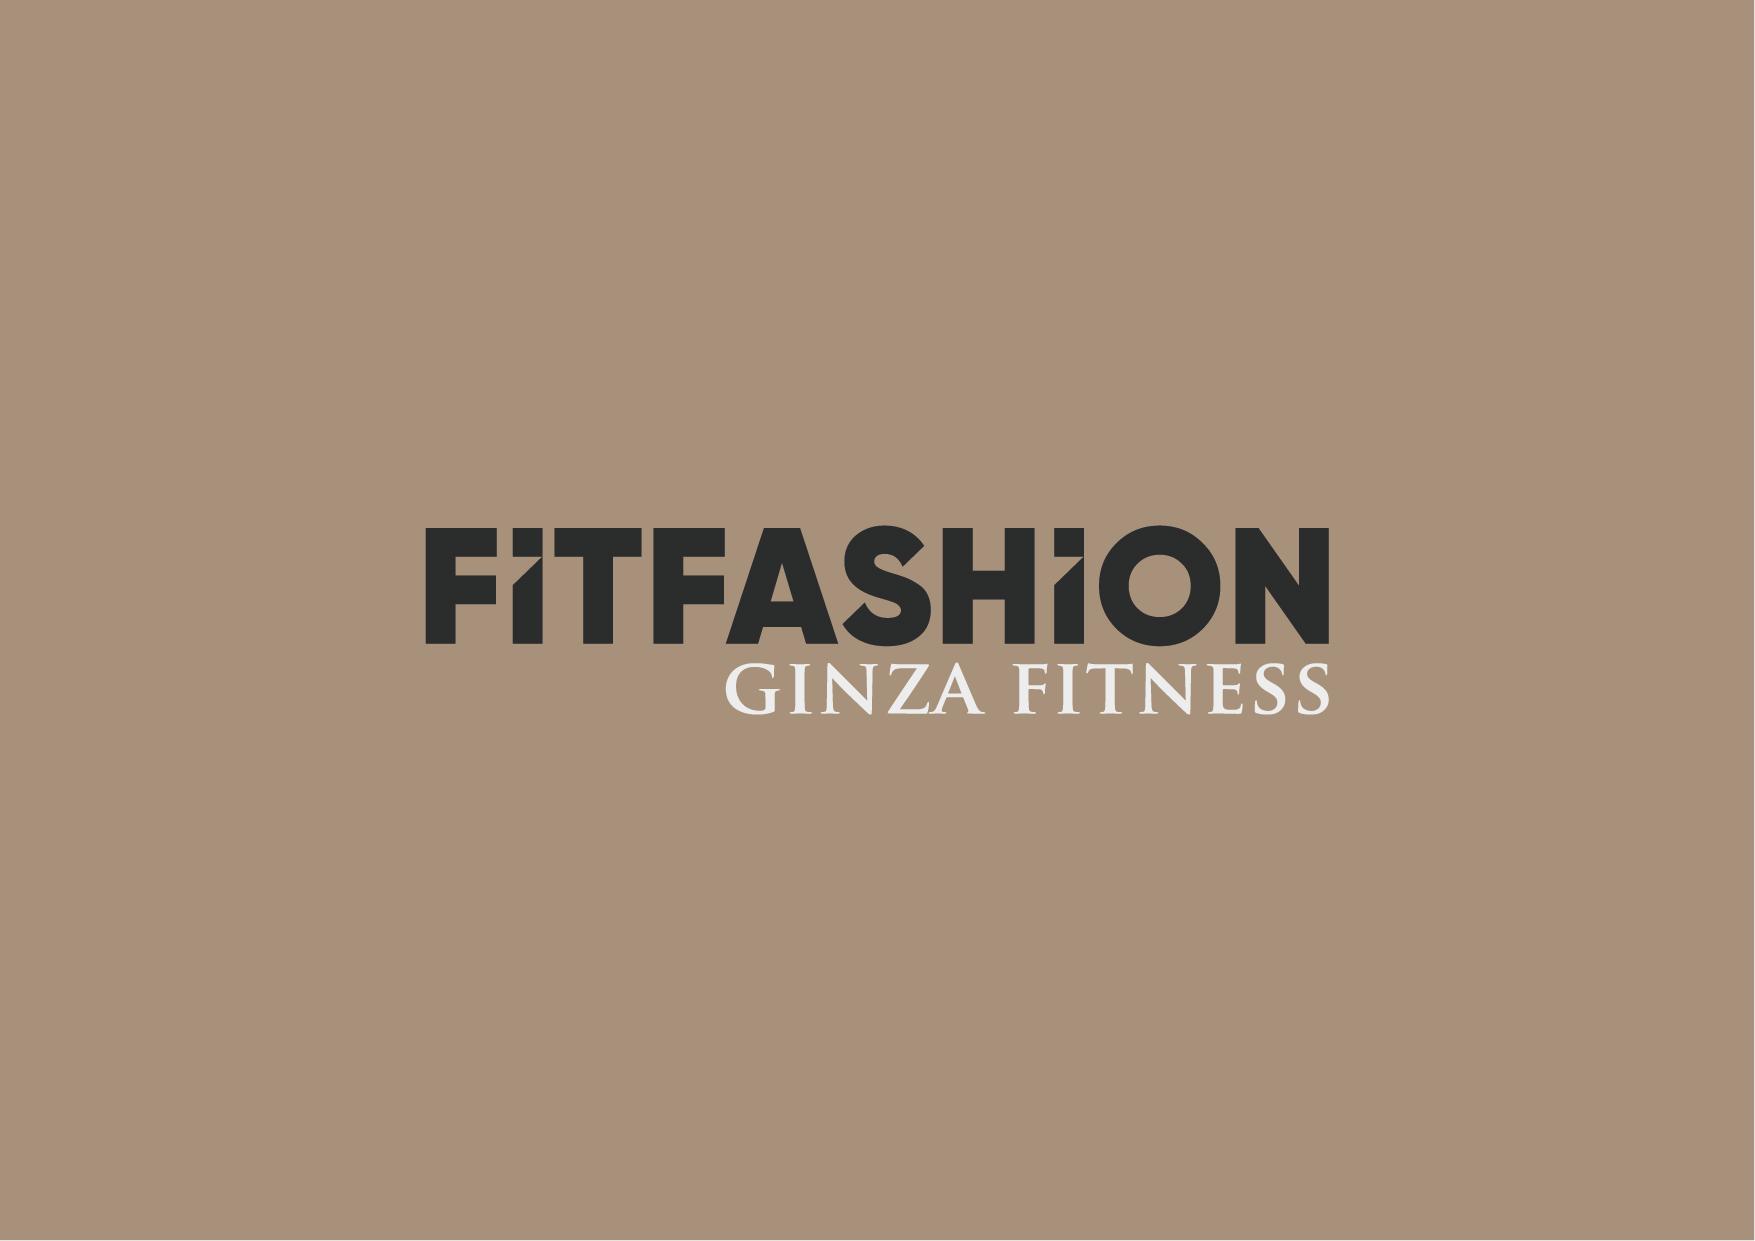 fitfashion_ginzafitness_logo_gold.jpg